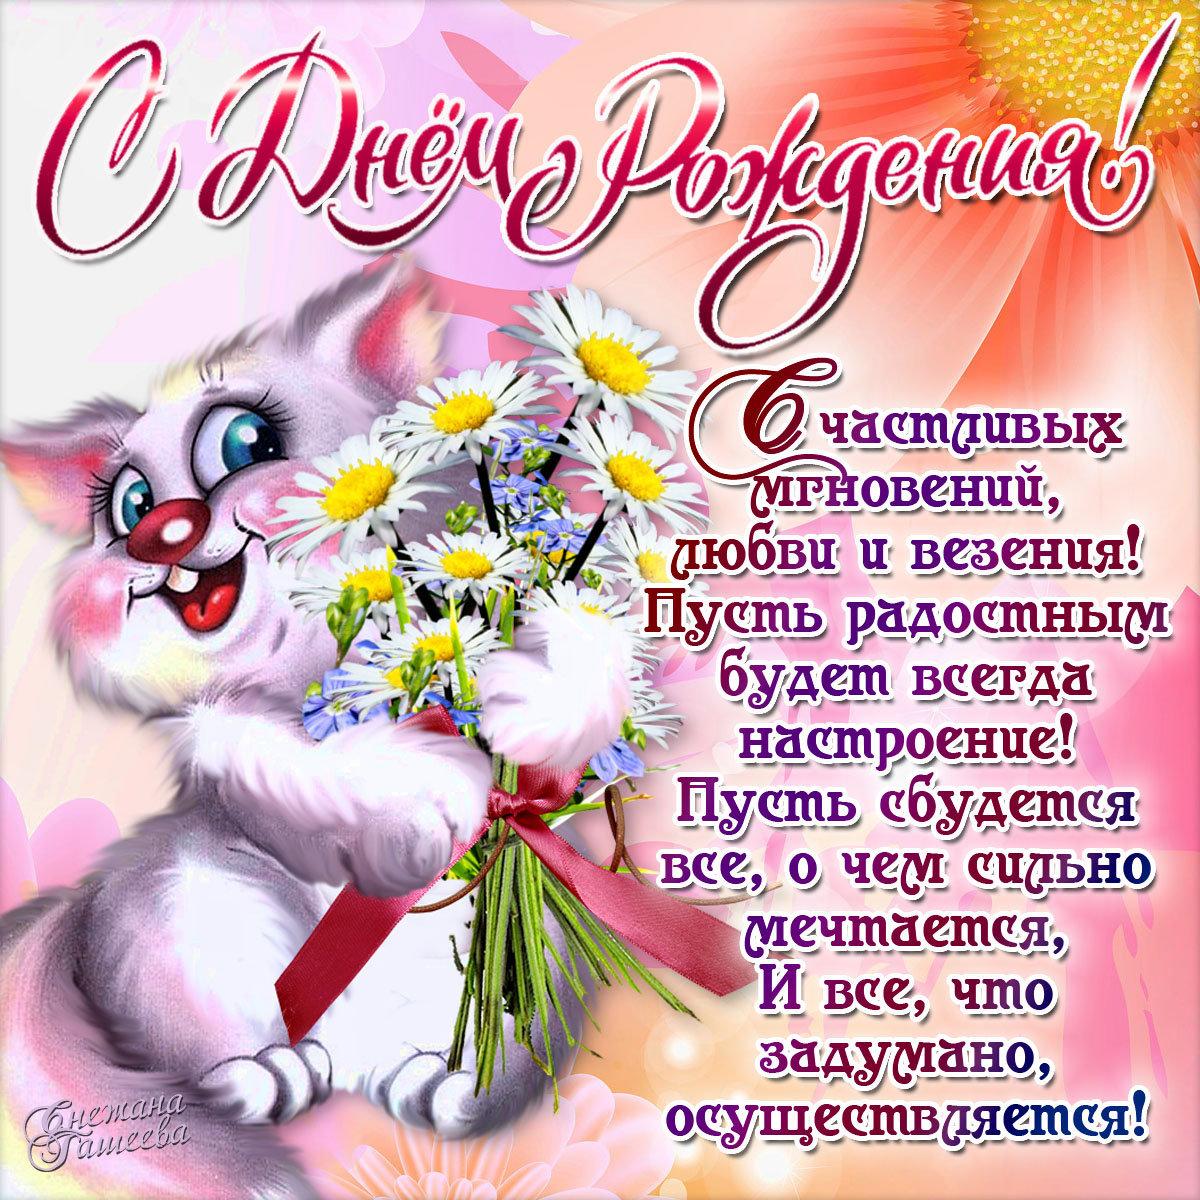 Короткие пожелания с днем рождения женщине красивые прикольные, наиля поздравление фоновые